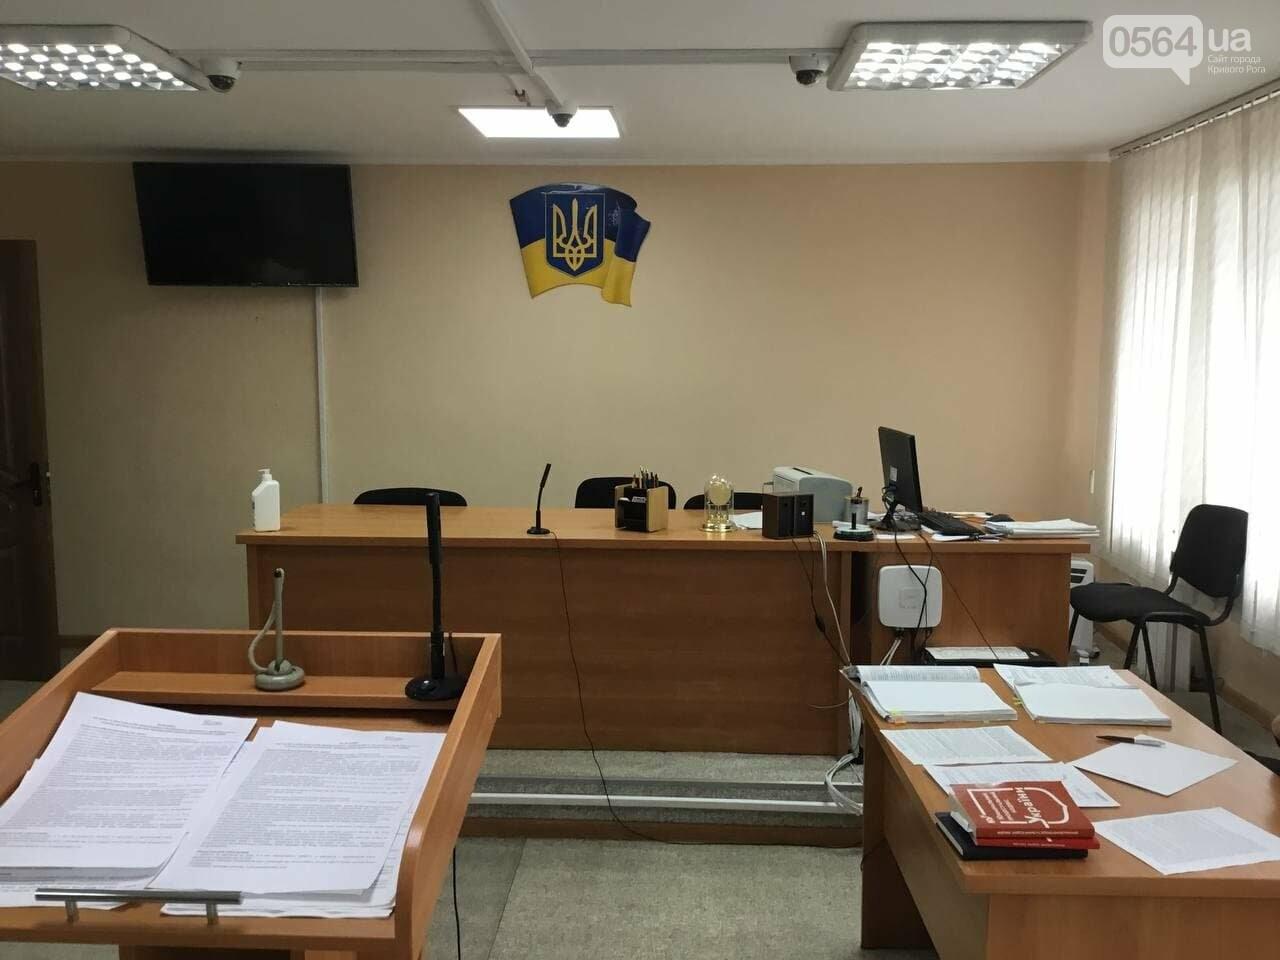 В суде по делу о конфликте между криворожским активистом и муниципальным гвардейцем допросили одного из свидетелей, - ФОТО, ВИДЕО, фото-8